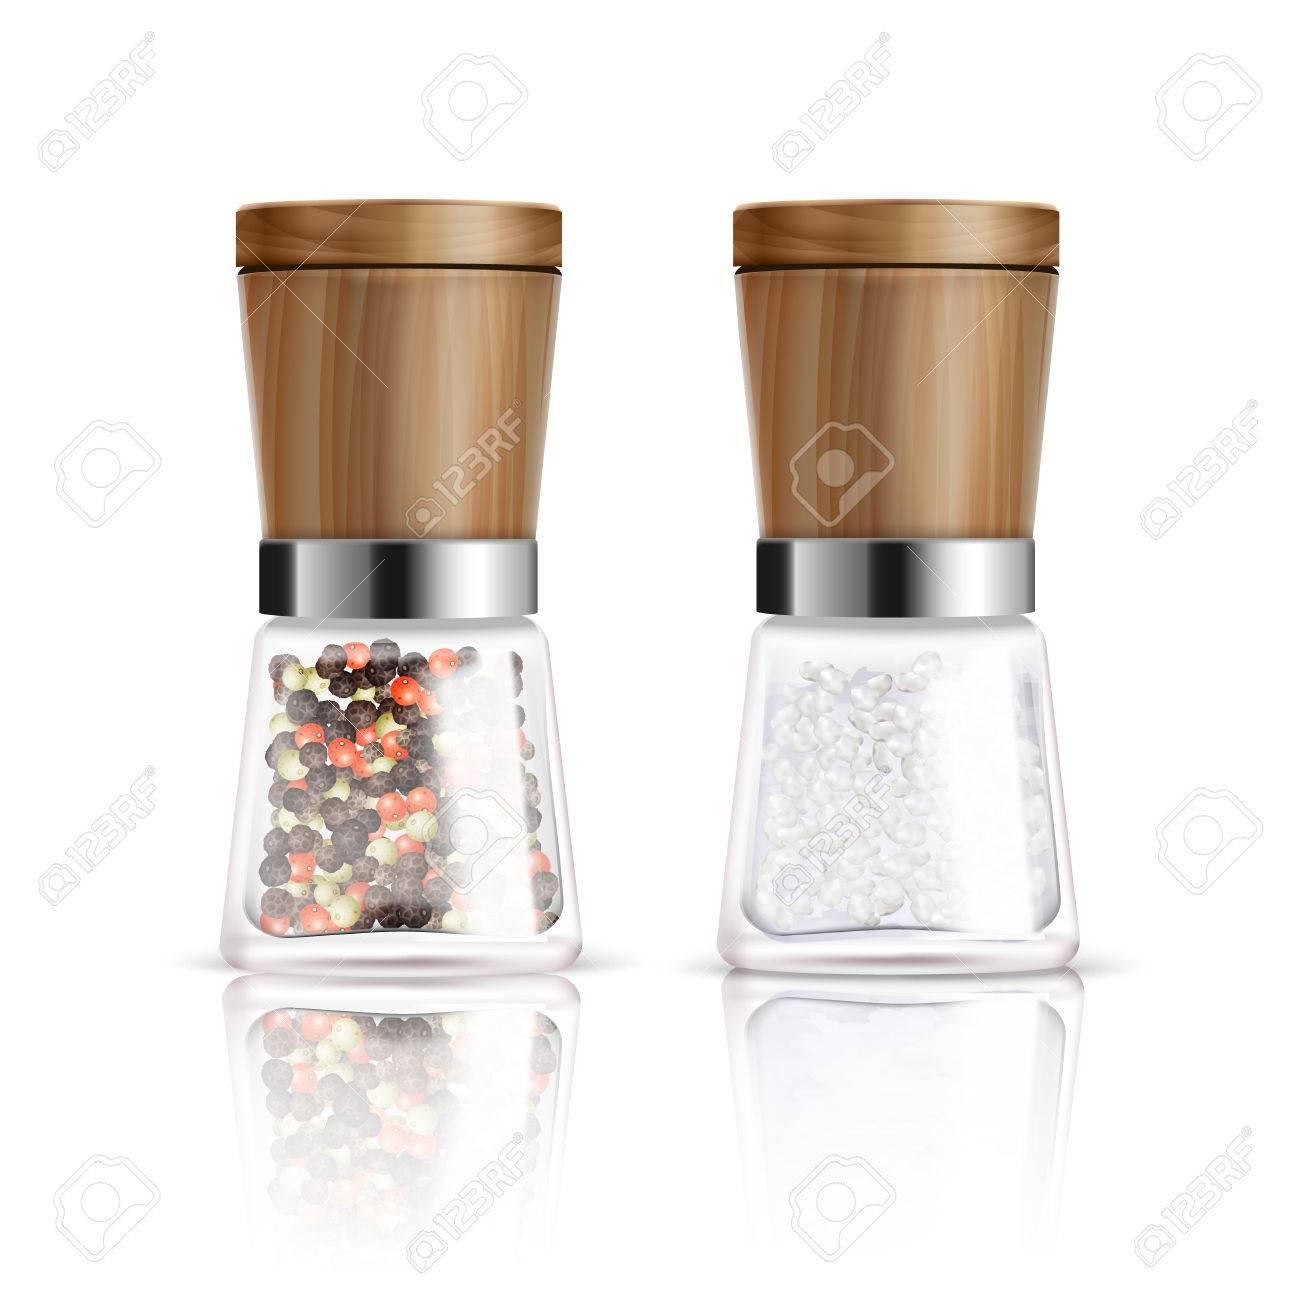 deux composition de moulin a poivre et sel realiste avec recipient en verre et couvercle en bois